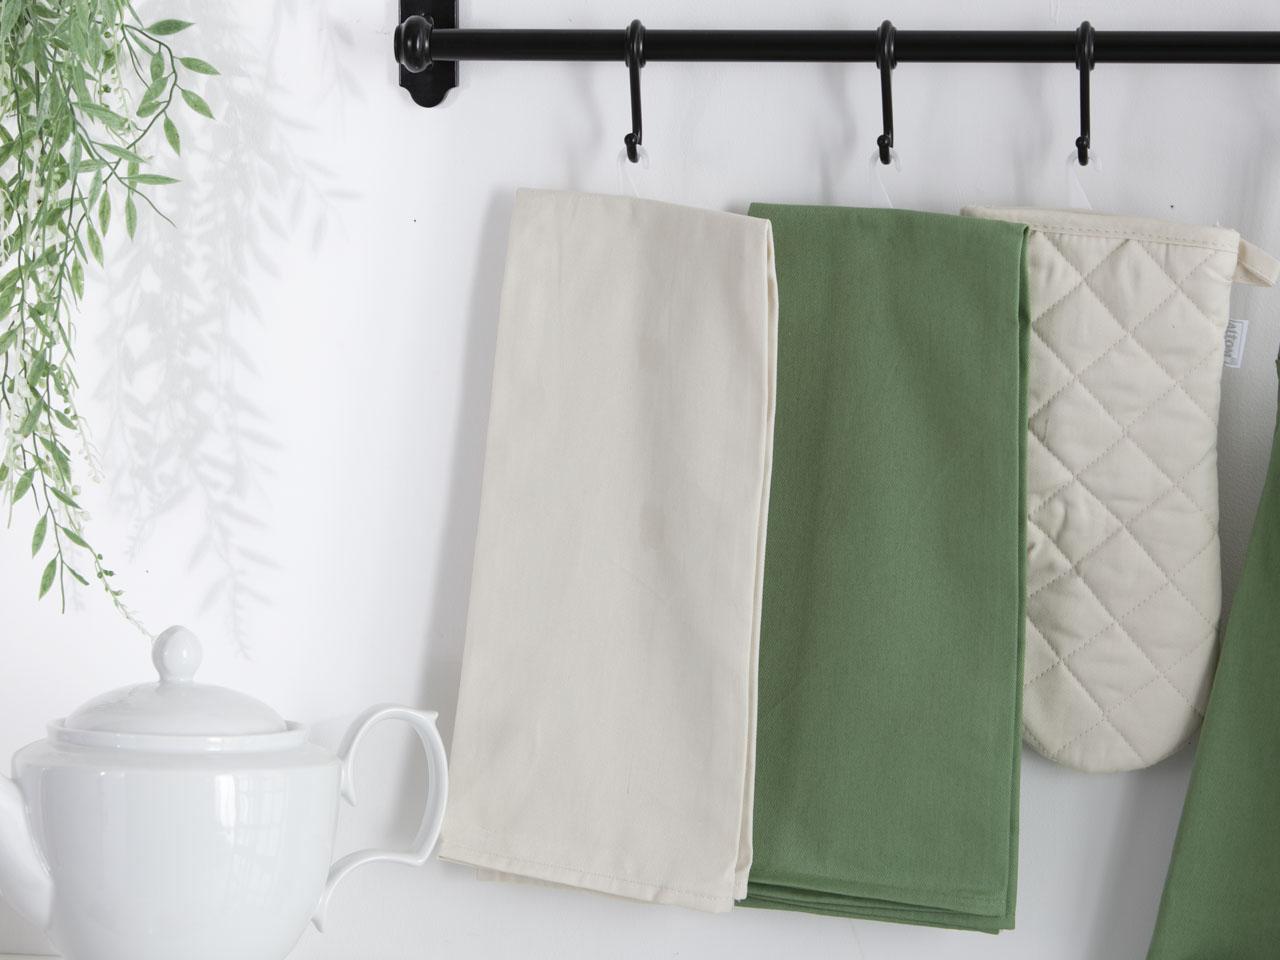 Ręcznik / Ściereczka kuchenna 100% bawełna Altom Design kolekcja Monokolor beżowa